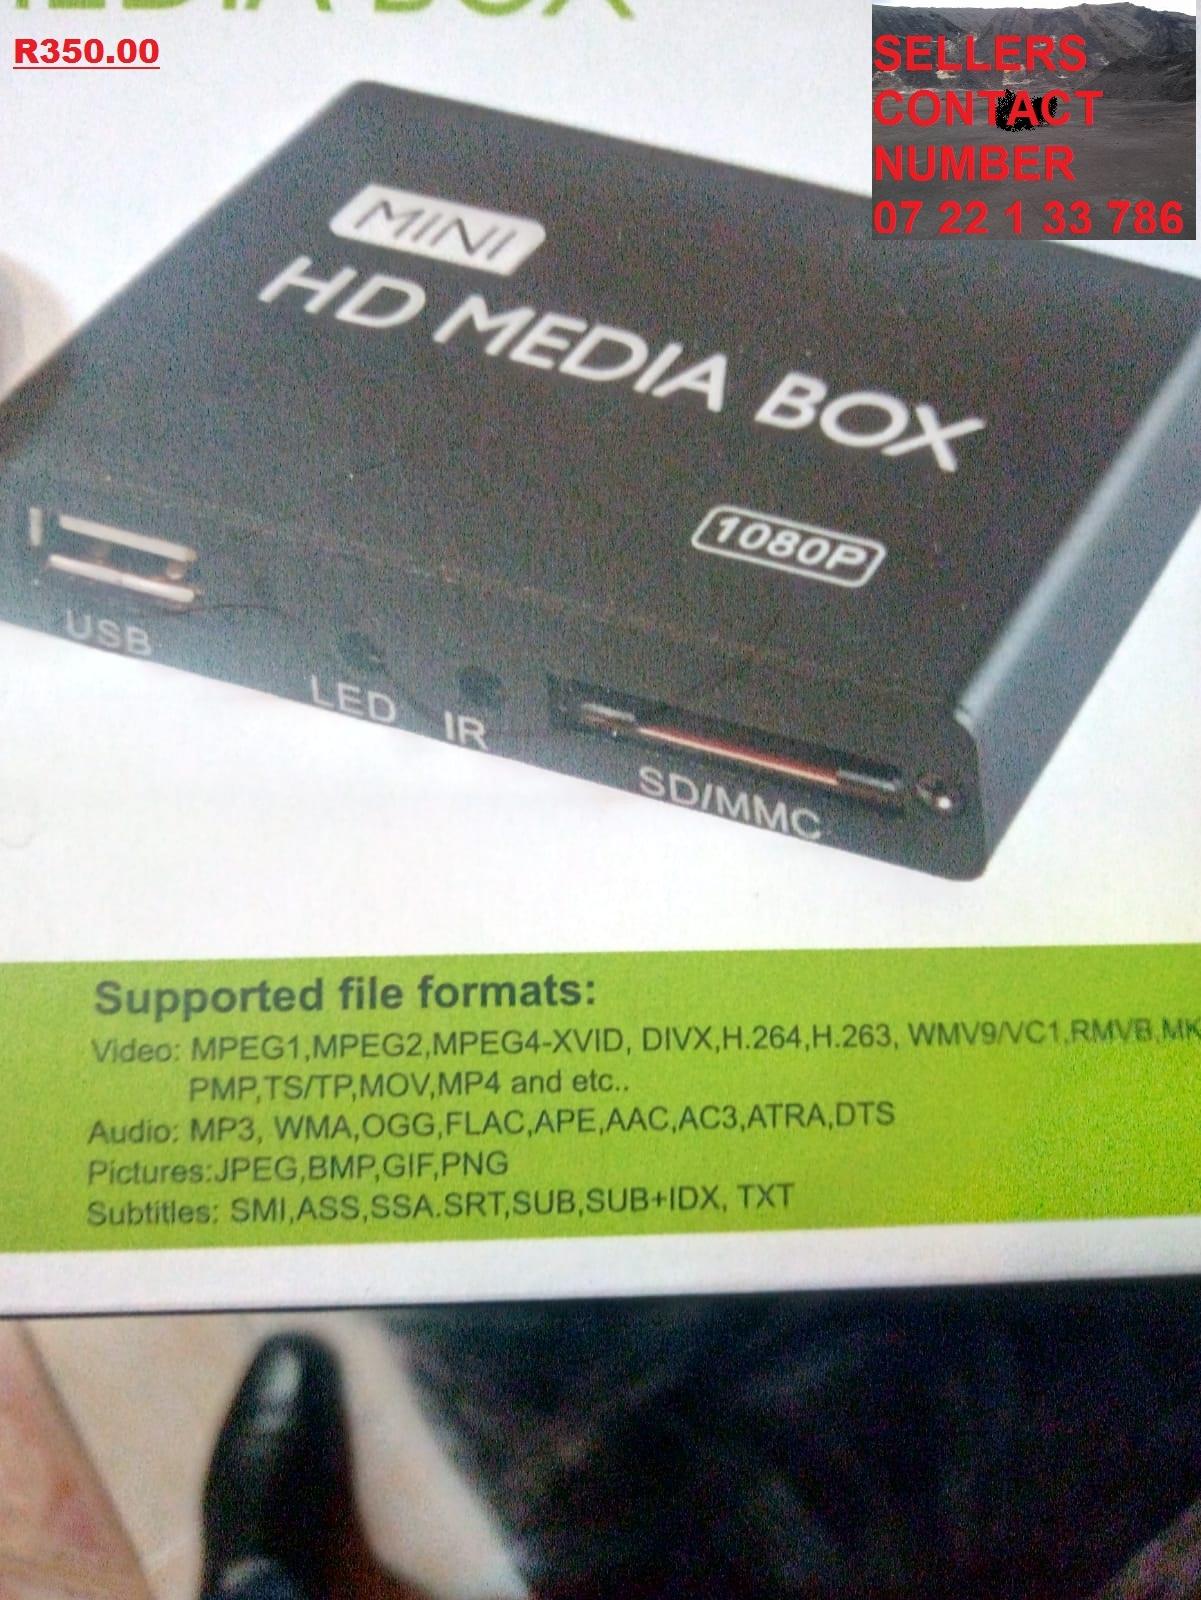 HD Media box